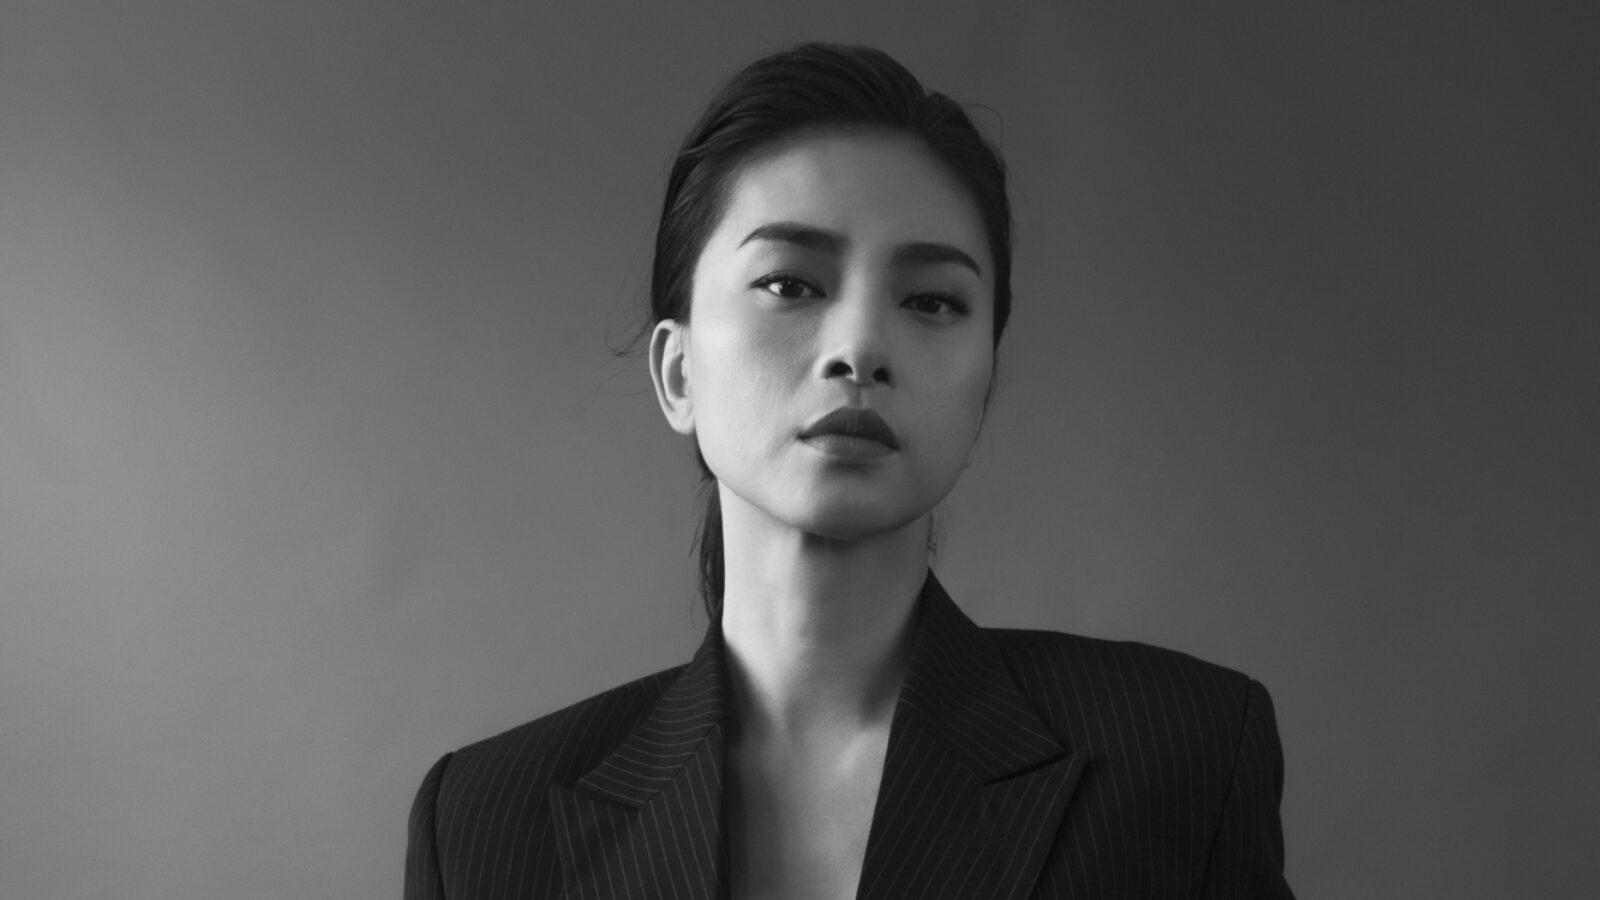 Veronica Ngo